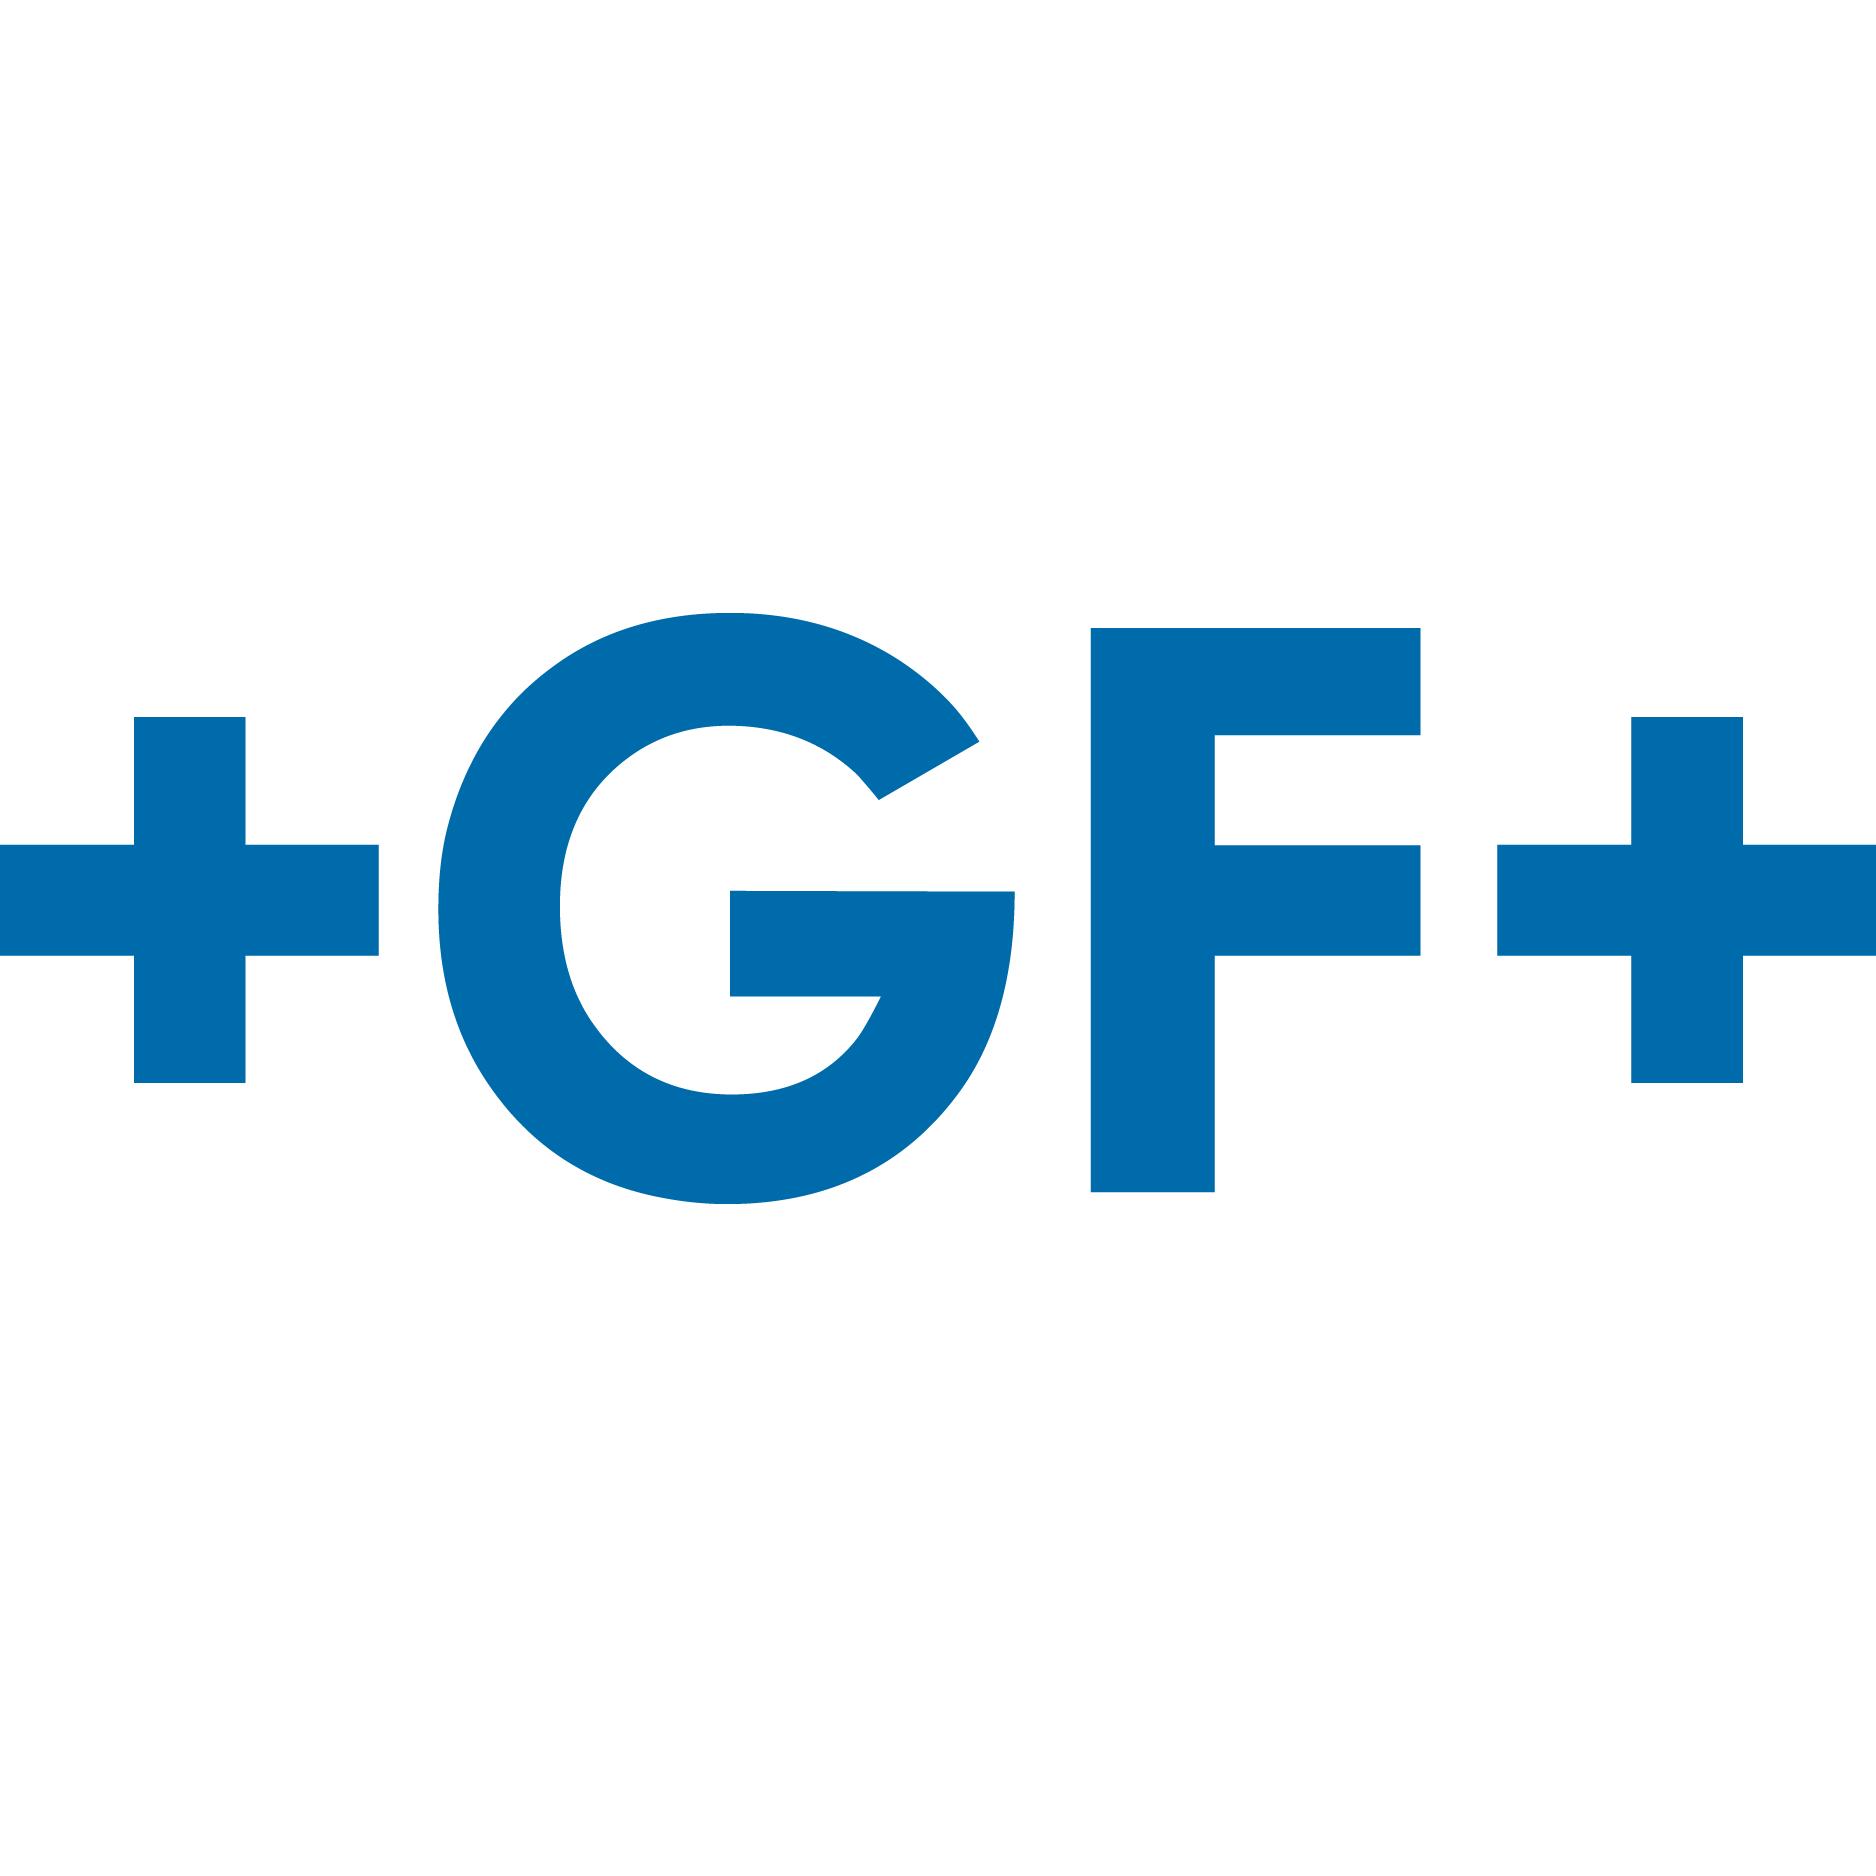 GF Machining Solutions - System 3R International AB